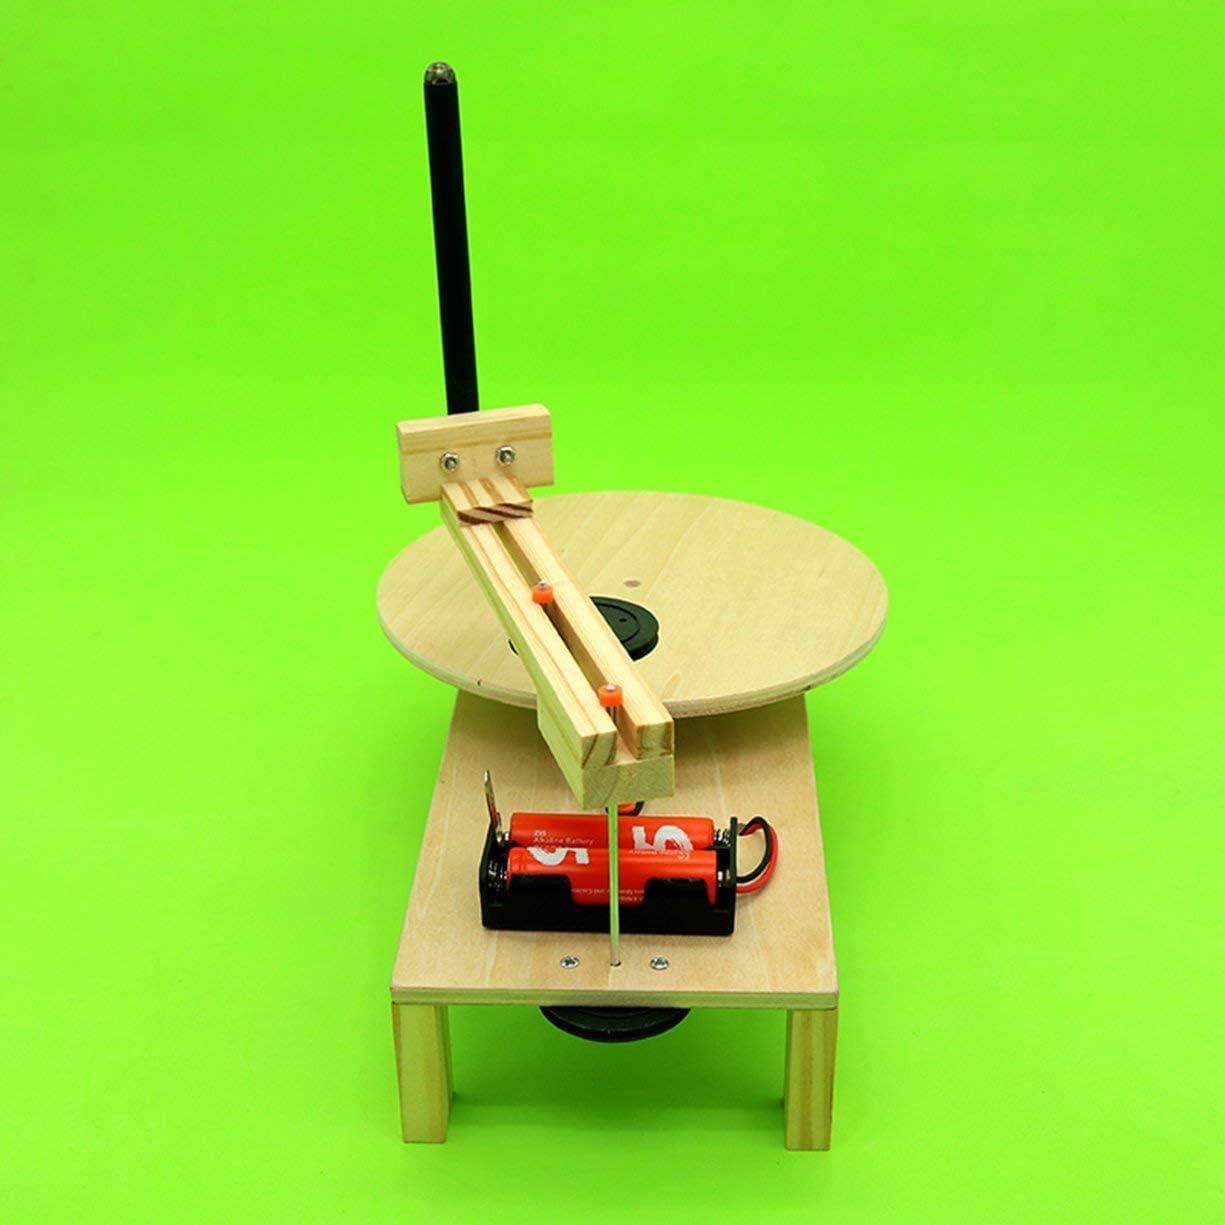 Detectoy DIY Plotter Dibujo Robot Kit Física Experimento Científico Experimentos Creativos Montar Juguete Modelo para Niños: Amazon.es: Juguetes y juegos